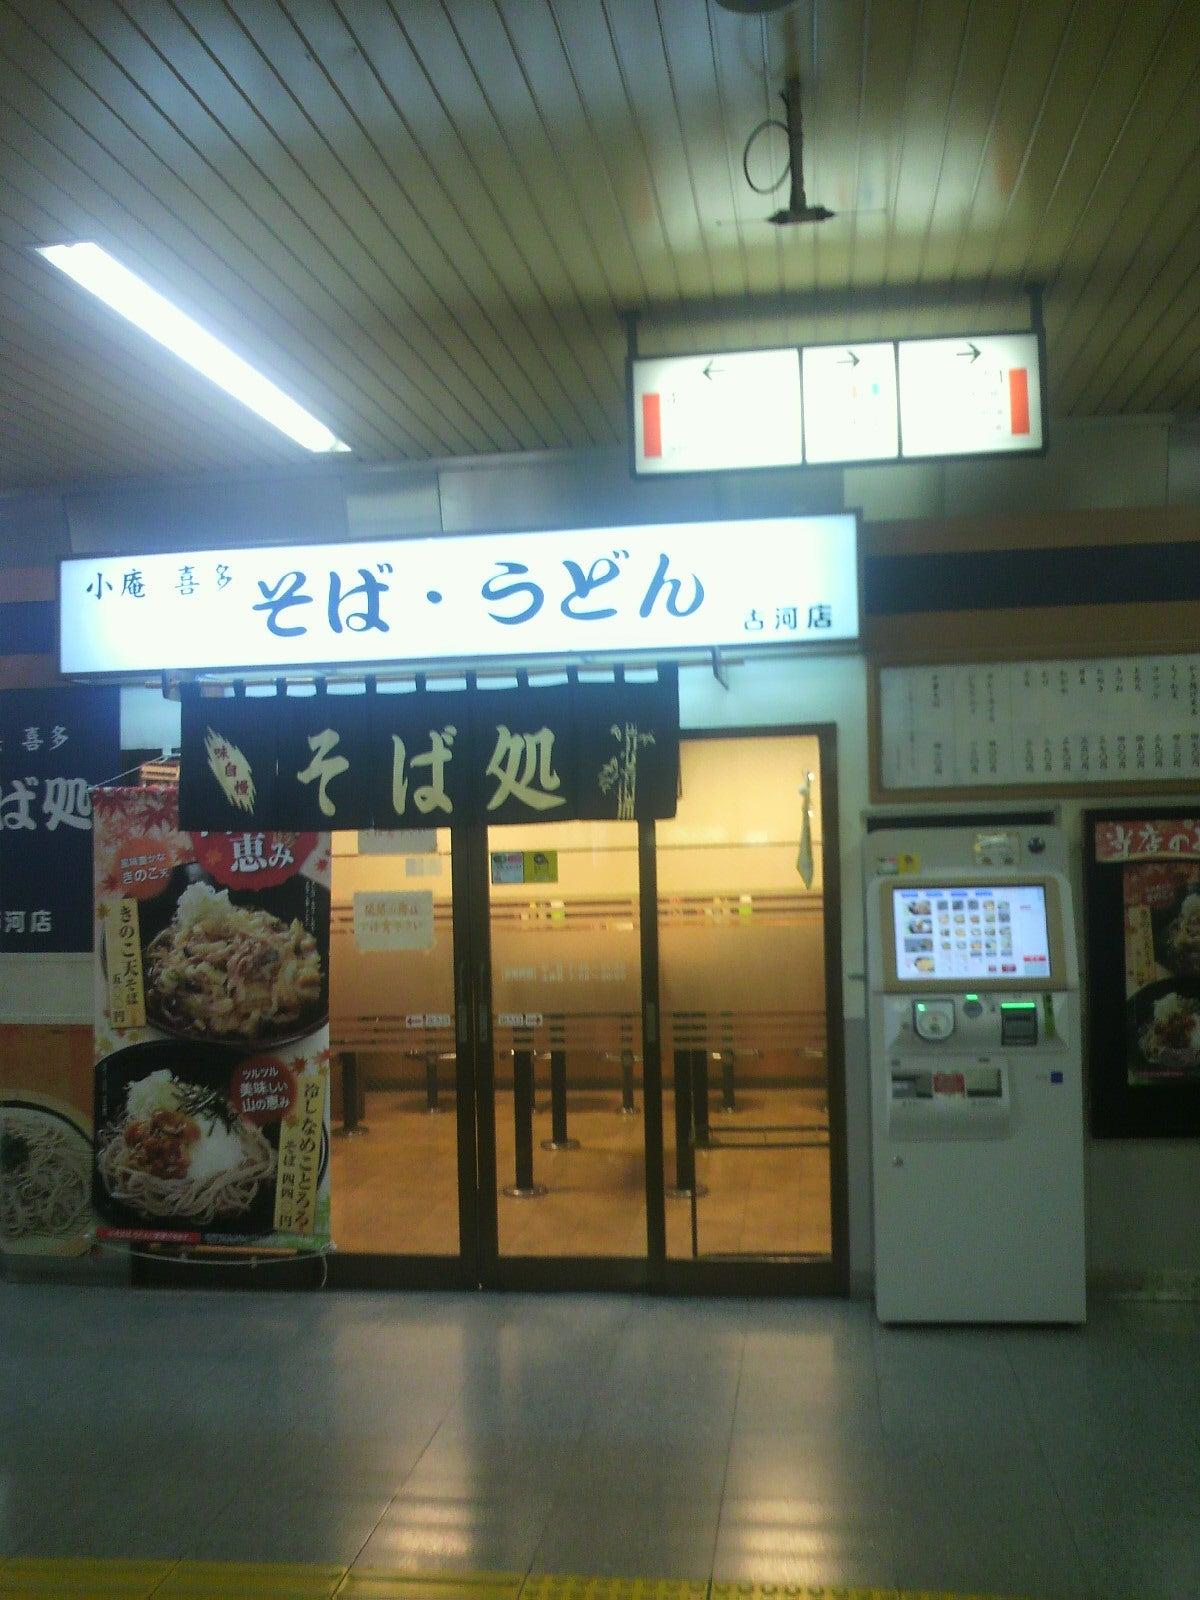 ネコ・科のらーめんブログJR宇都宮線古河駅構内の立ち蕎麦屋さん ざるそば